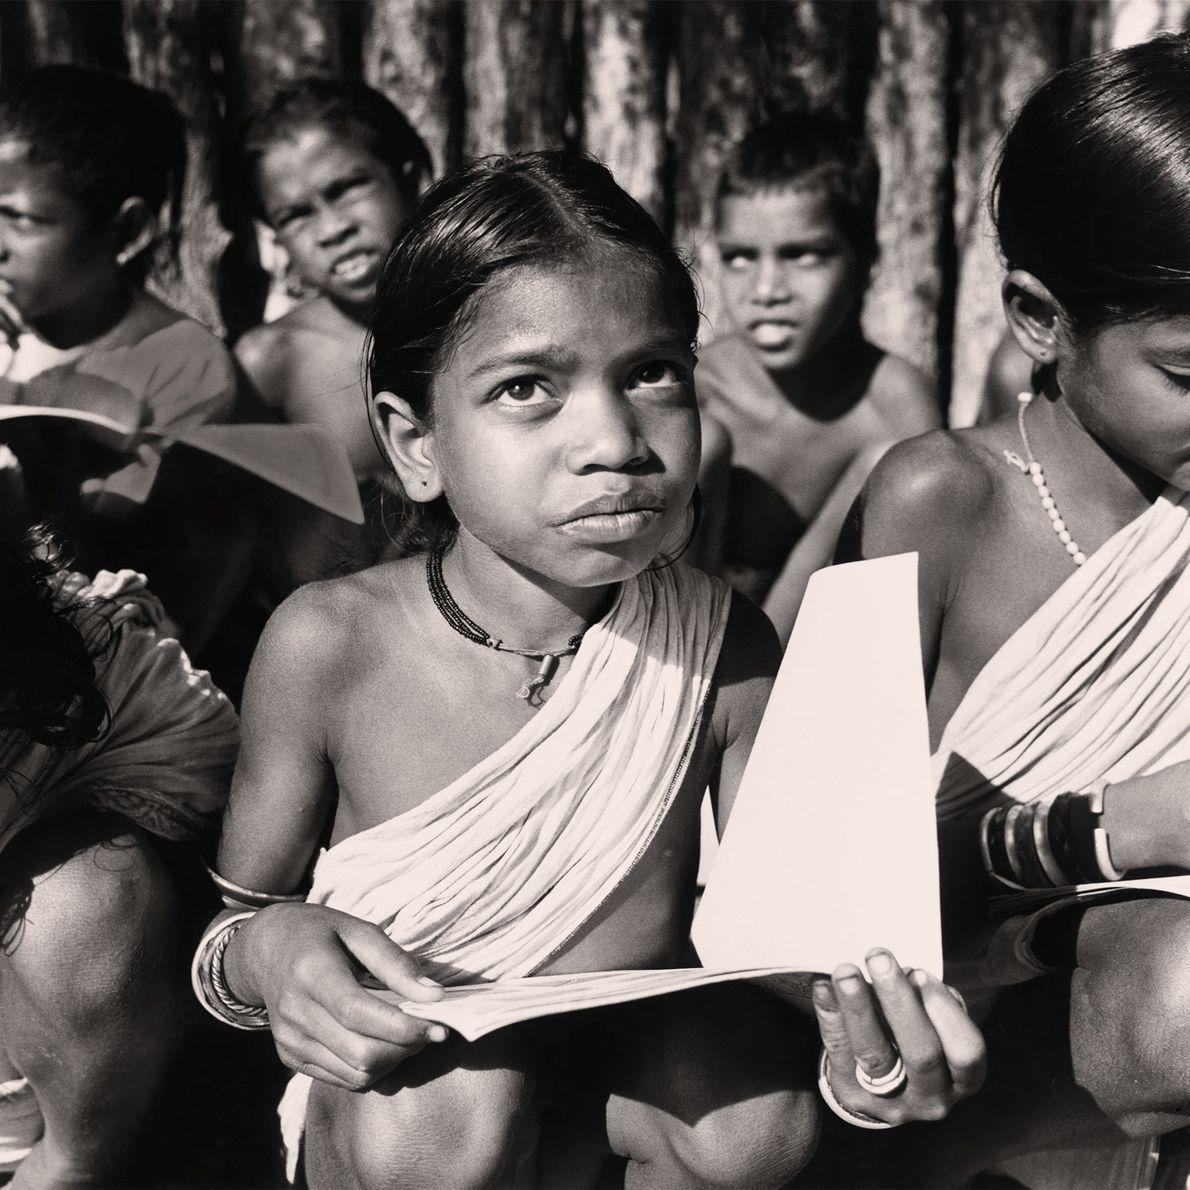 Dickey e Tony Chapelle viajaram o mundo documentando os esforços de agências humanitárias que tinham como ...